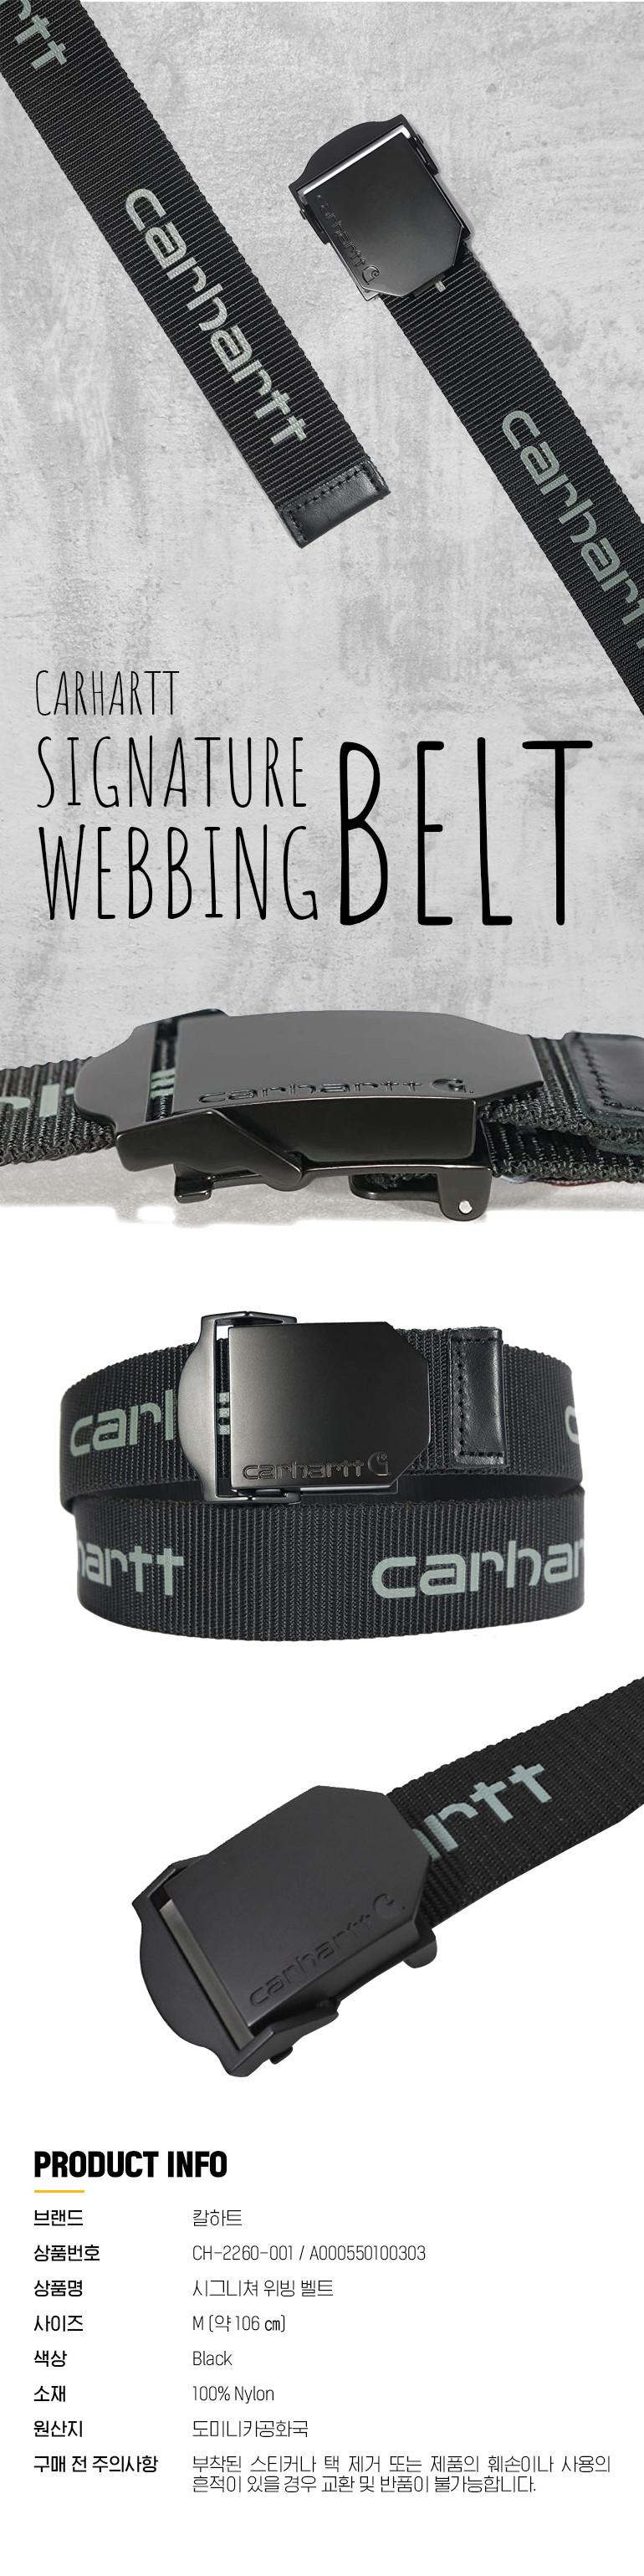 칼하트(CARHARTT) 시그니처 웨빙 벨트 블랙 / CH2260-001